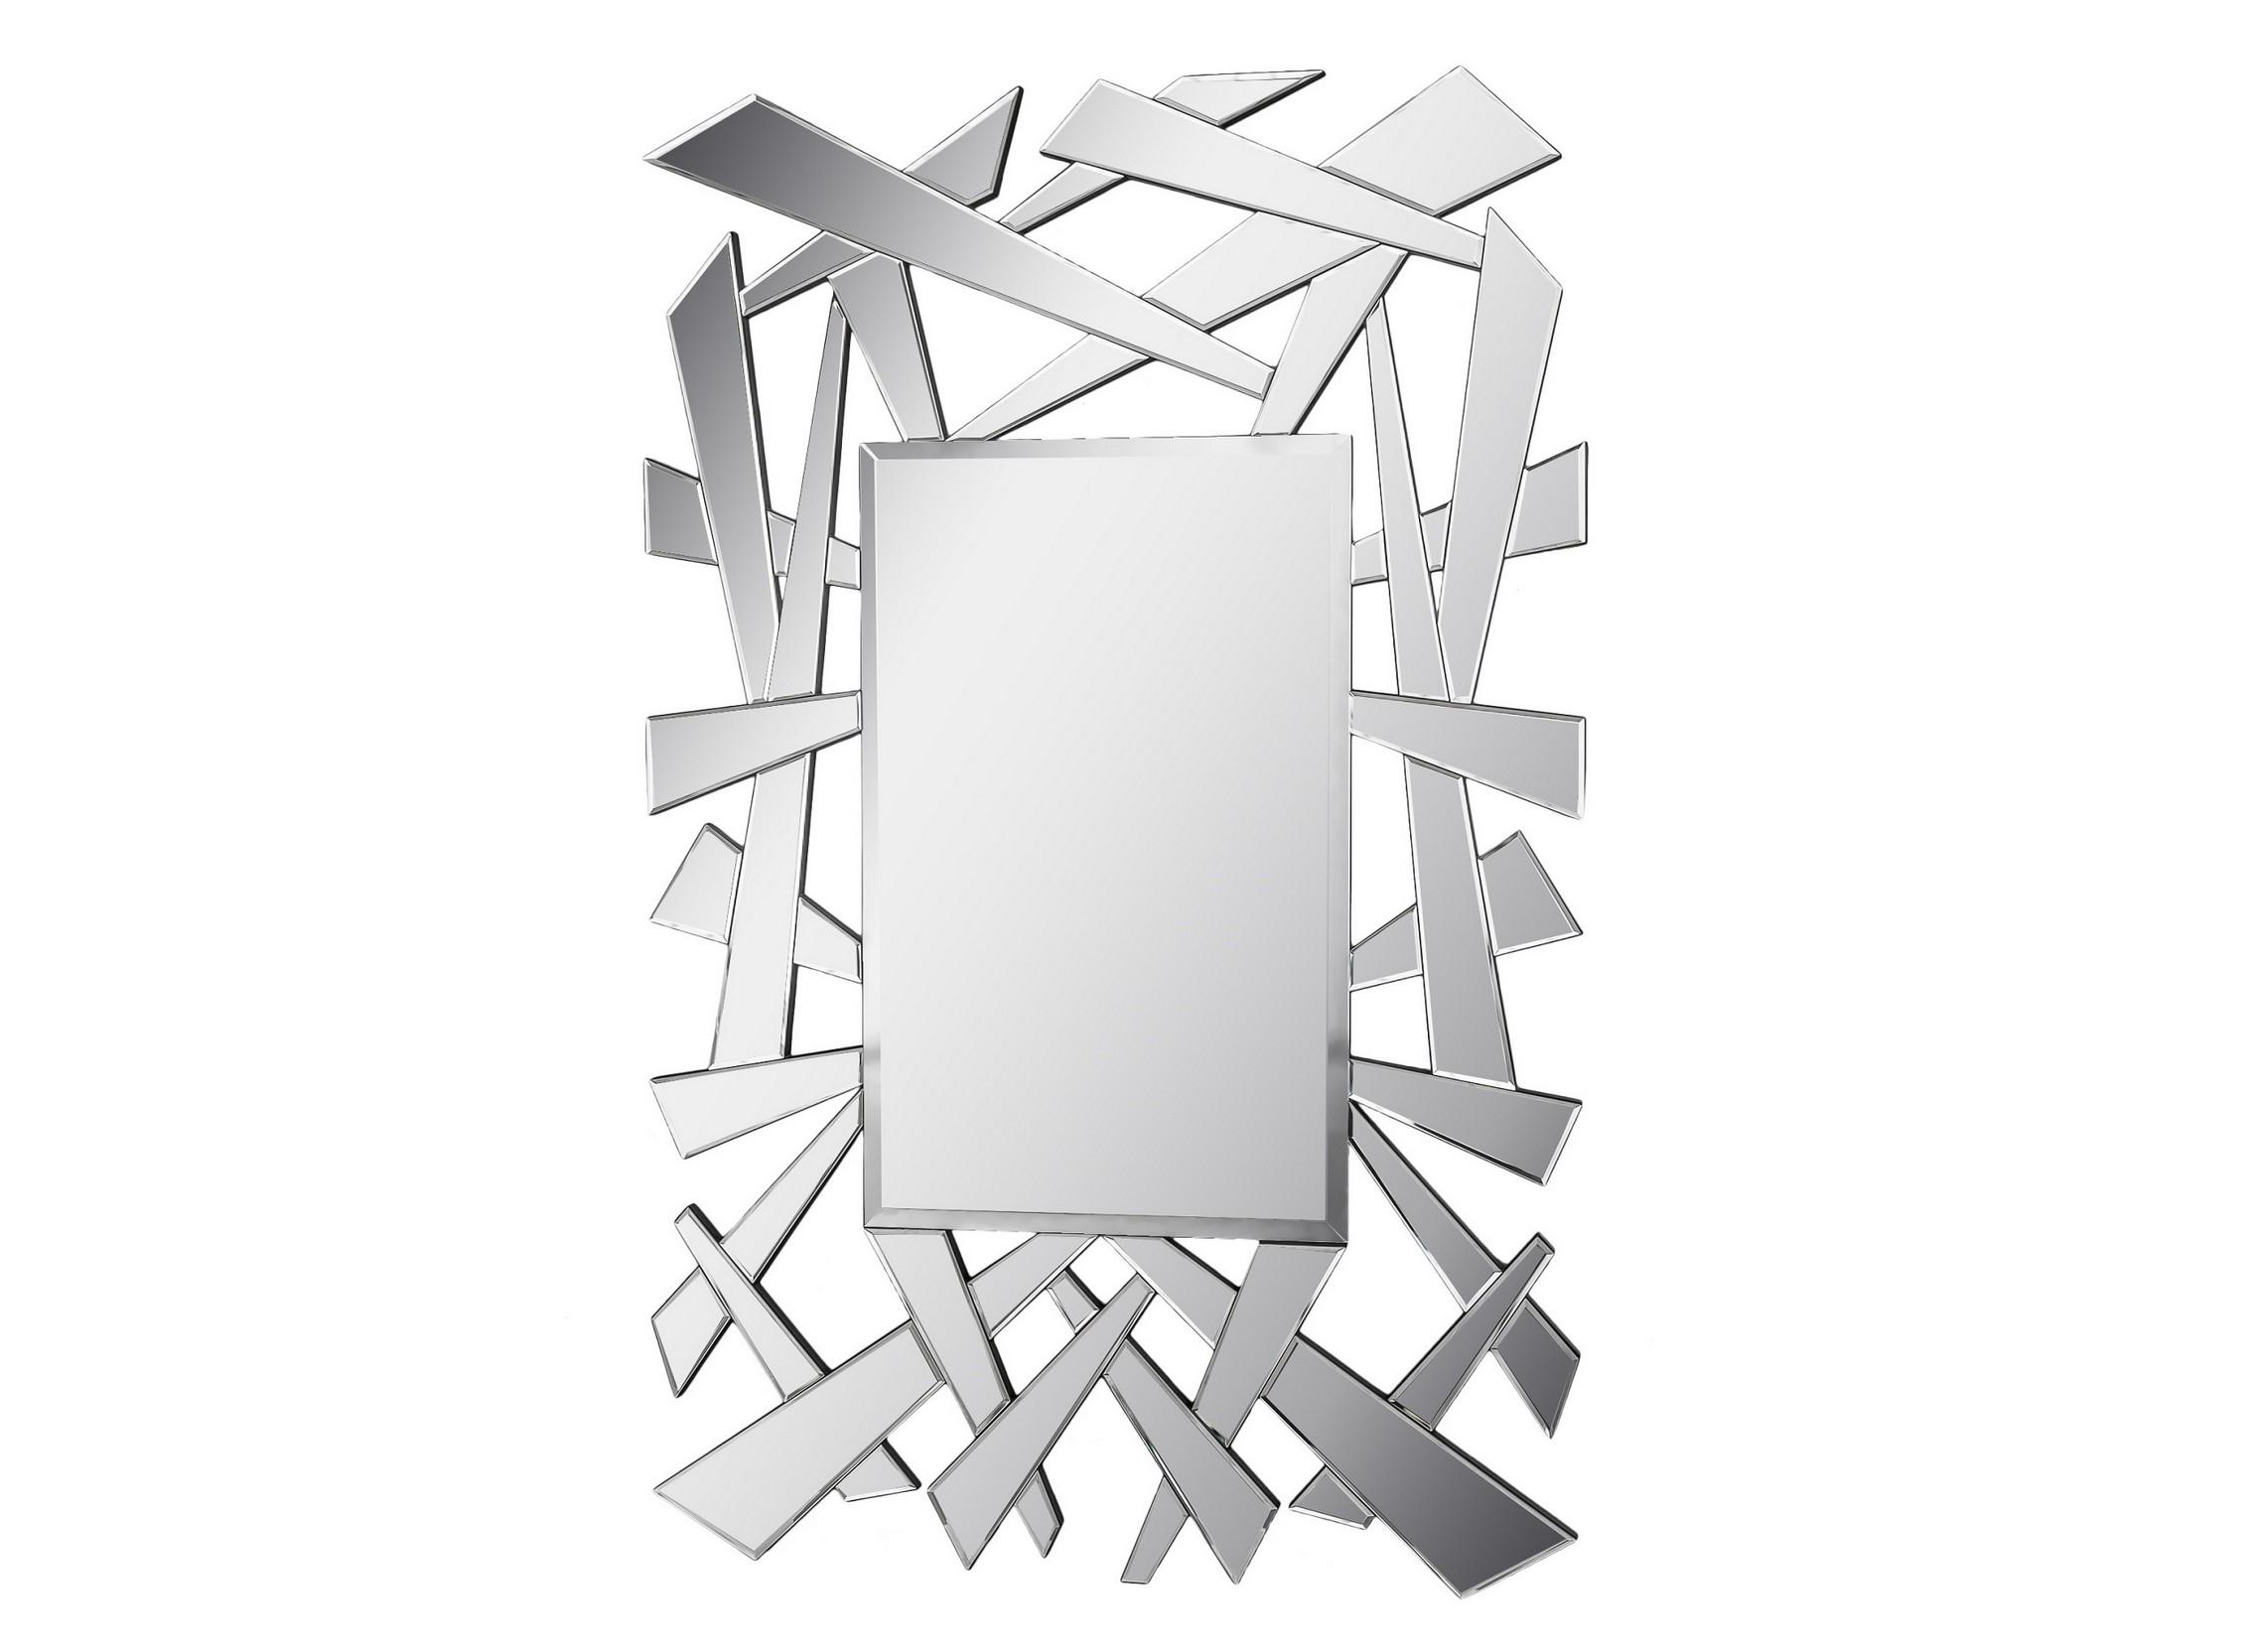 Зеркало Cross FrameНастенные зеркала<br>&amp;lt;div&amp;gt;&amp;lt;div&amp;gt;Cross Frame украсит эклектичный интерьер, которому не чужды смелые дизайнерские решения. В центре причудливой композиции – прямоугольное зеркало, обрамленное многочисленными осколками. Асимметричные частицы расположены хаотично, за счет чего создается некая иллюзия движения. Несмотря на видимую хрупкость деталей, модель отличается прочностью: все элементы закреплены на каркасе из МДФ. При желании предмет можно разместить на стене как в горизонтальном, так и вертикальном положении.&amp;lt;br&amp;gt;&amp;lt;/div&amp;gt;&amp;lt;/div&amp;gt;&amp;lt;div&amp;gt;&amp;lt;br&amp;gt;&amp;lt;/div&amp;gt;&amp;lt;div&amp;gt;Цвет: серебро&amp;amp;nbsp;&amp;lt;/div&amp;gt;&amp;lt;div&amp;gt;Материал: основа - МДФ&amp;lt;/div&amp;gt;<br><br>Material: Стекло<br>Length см: None<br>Width см: 95.0<br>Depth см: None<br>Height см: 150.0<br>Diameter см: None